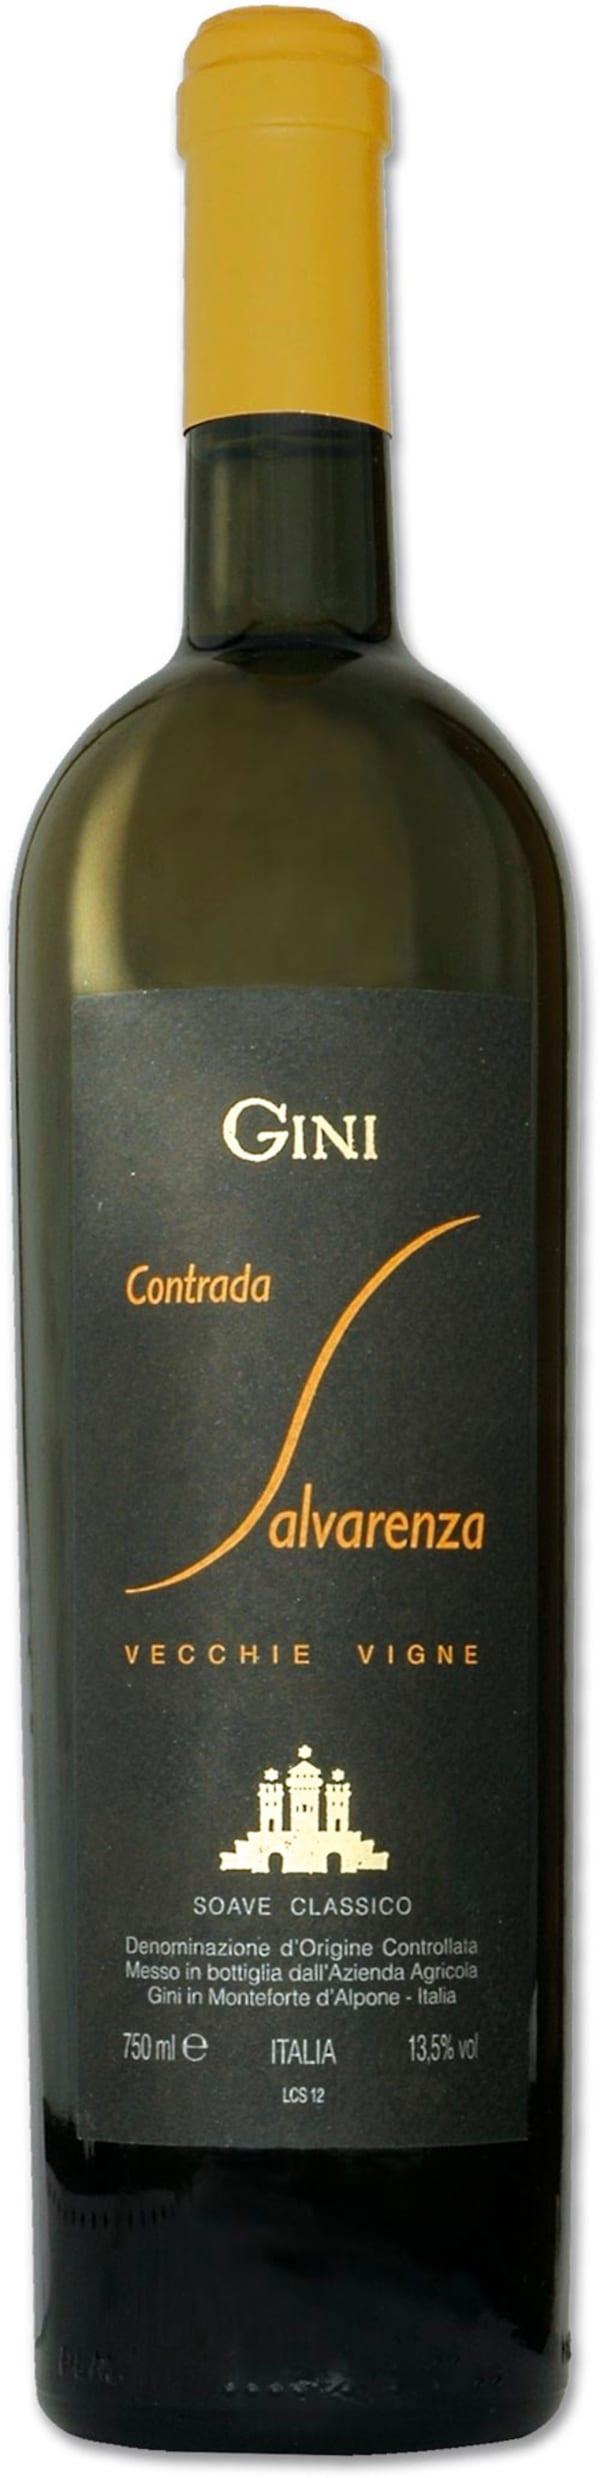 Gini Contrada Salvarenza Vecchie Vigne 2016